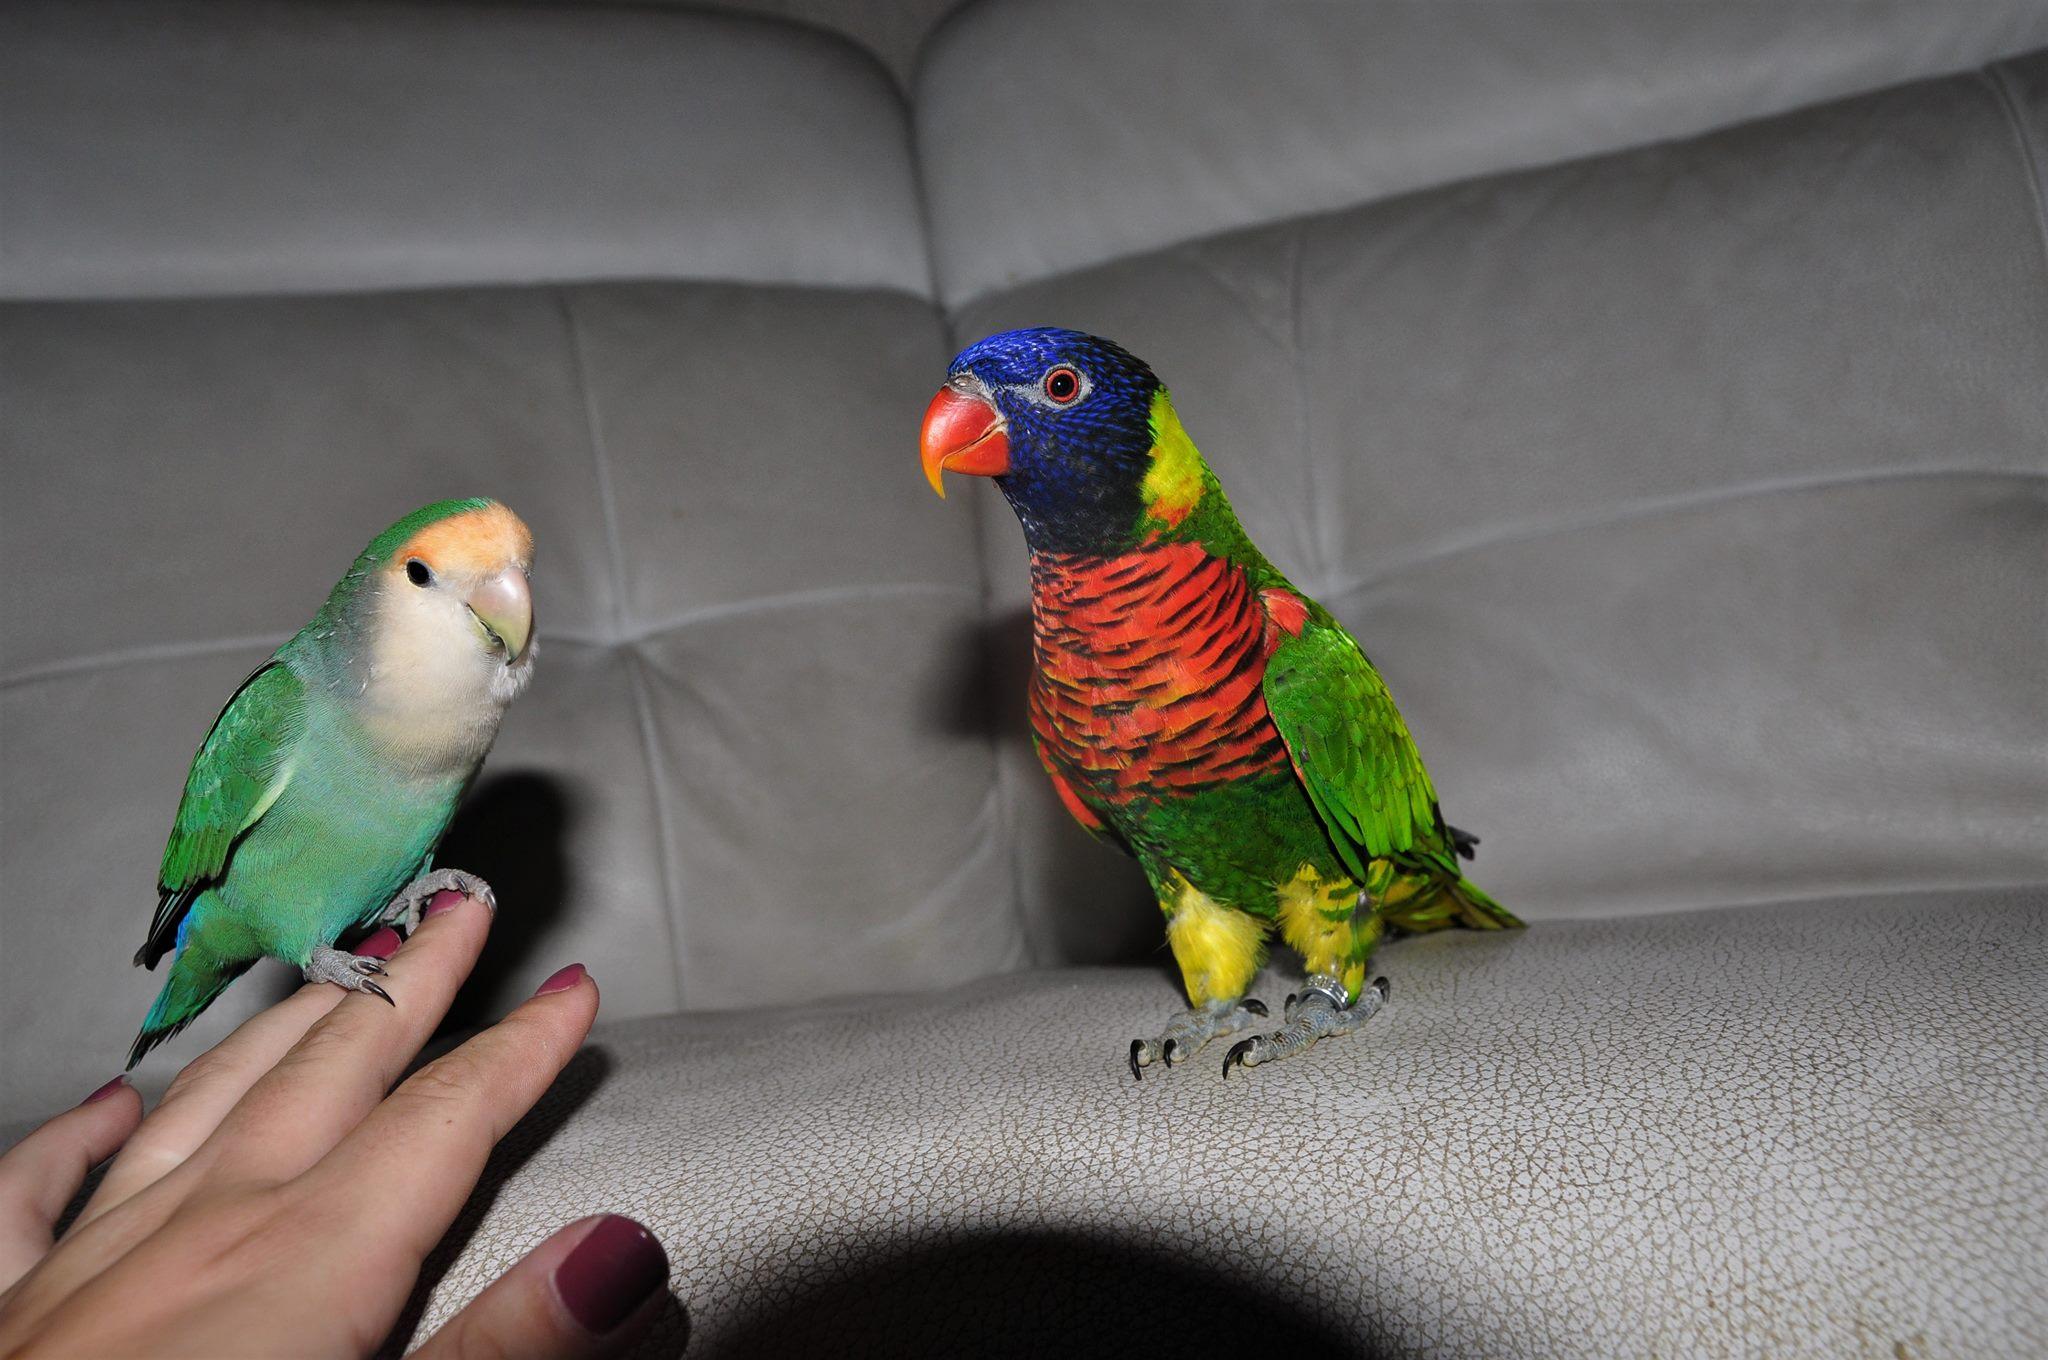 Apprivoiser Son Oiseau, De Son Arrivée À Sa Venue Sur avec Oiseau Blessé Que Faire